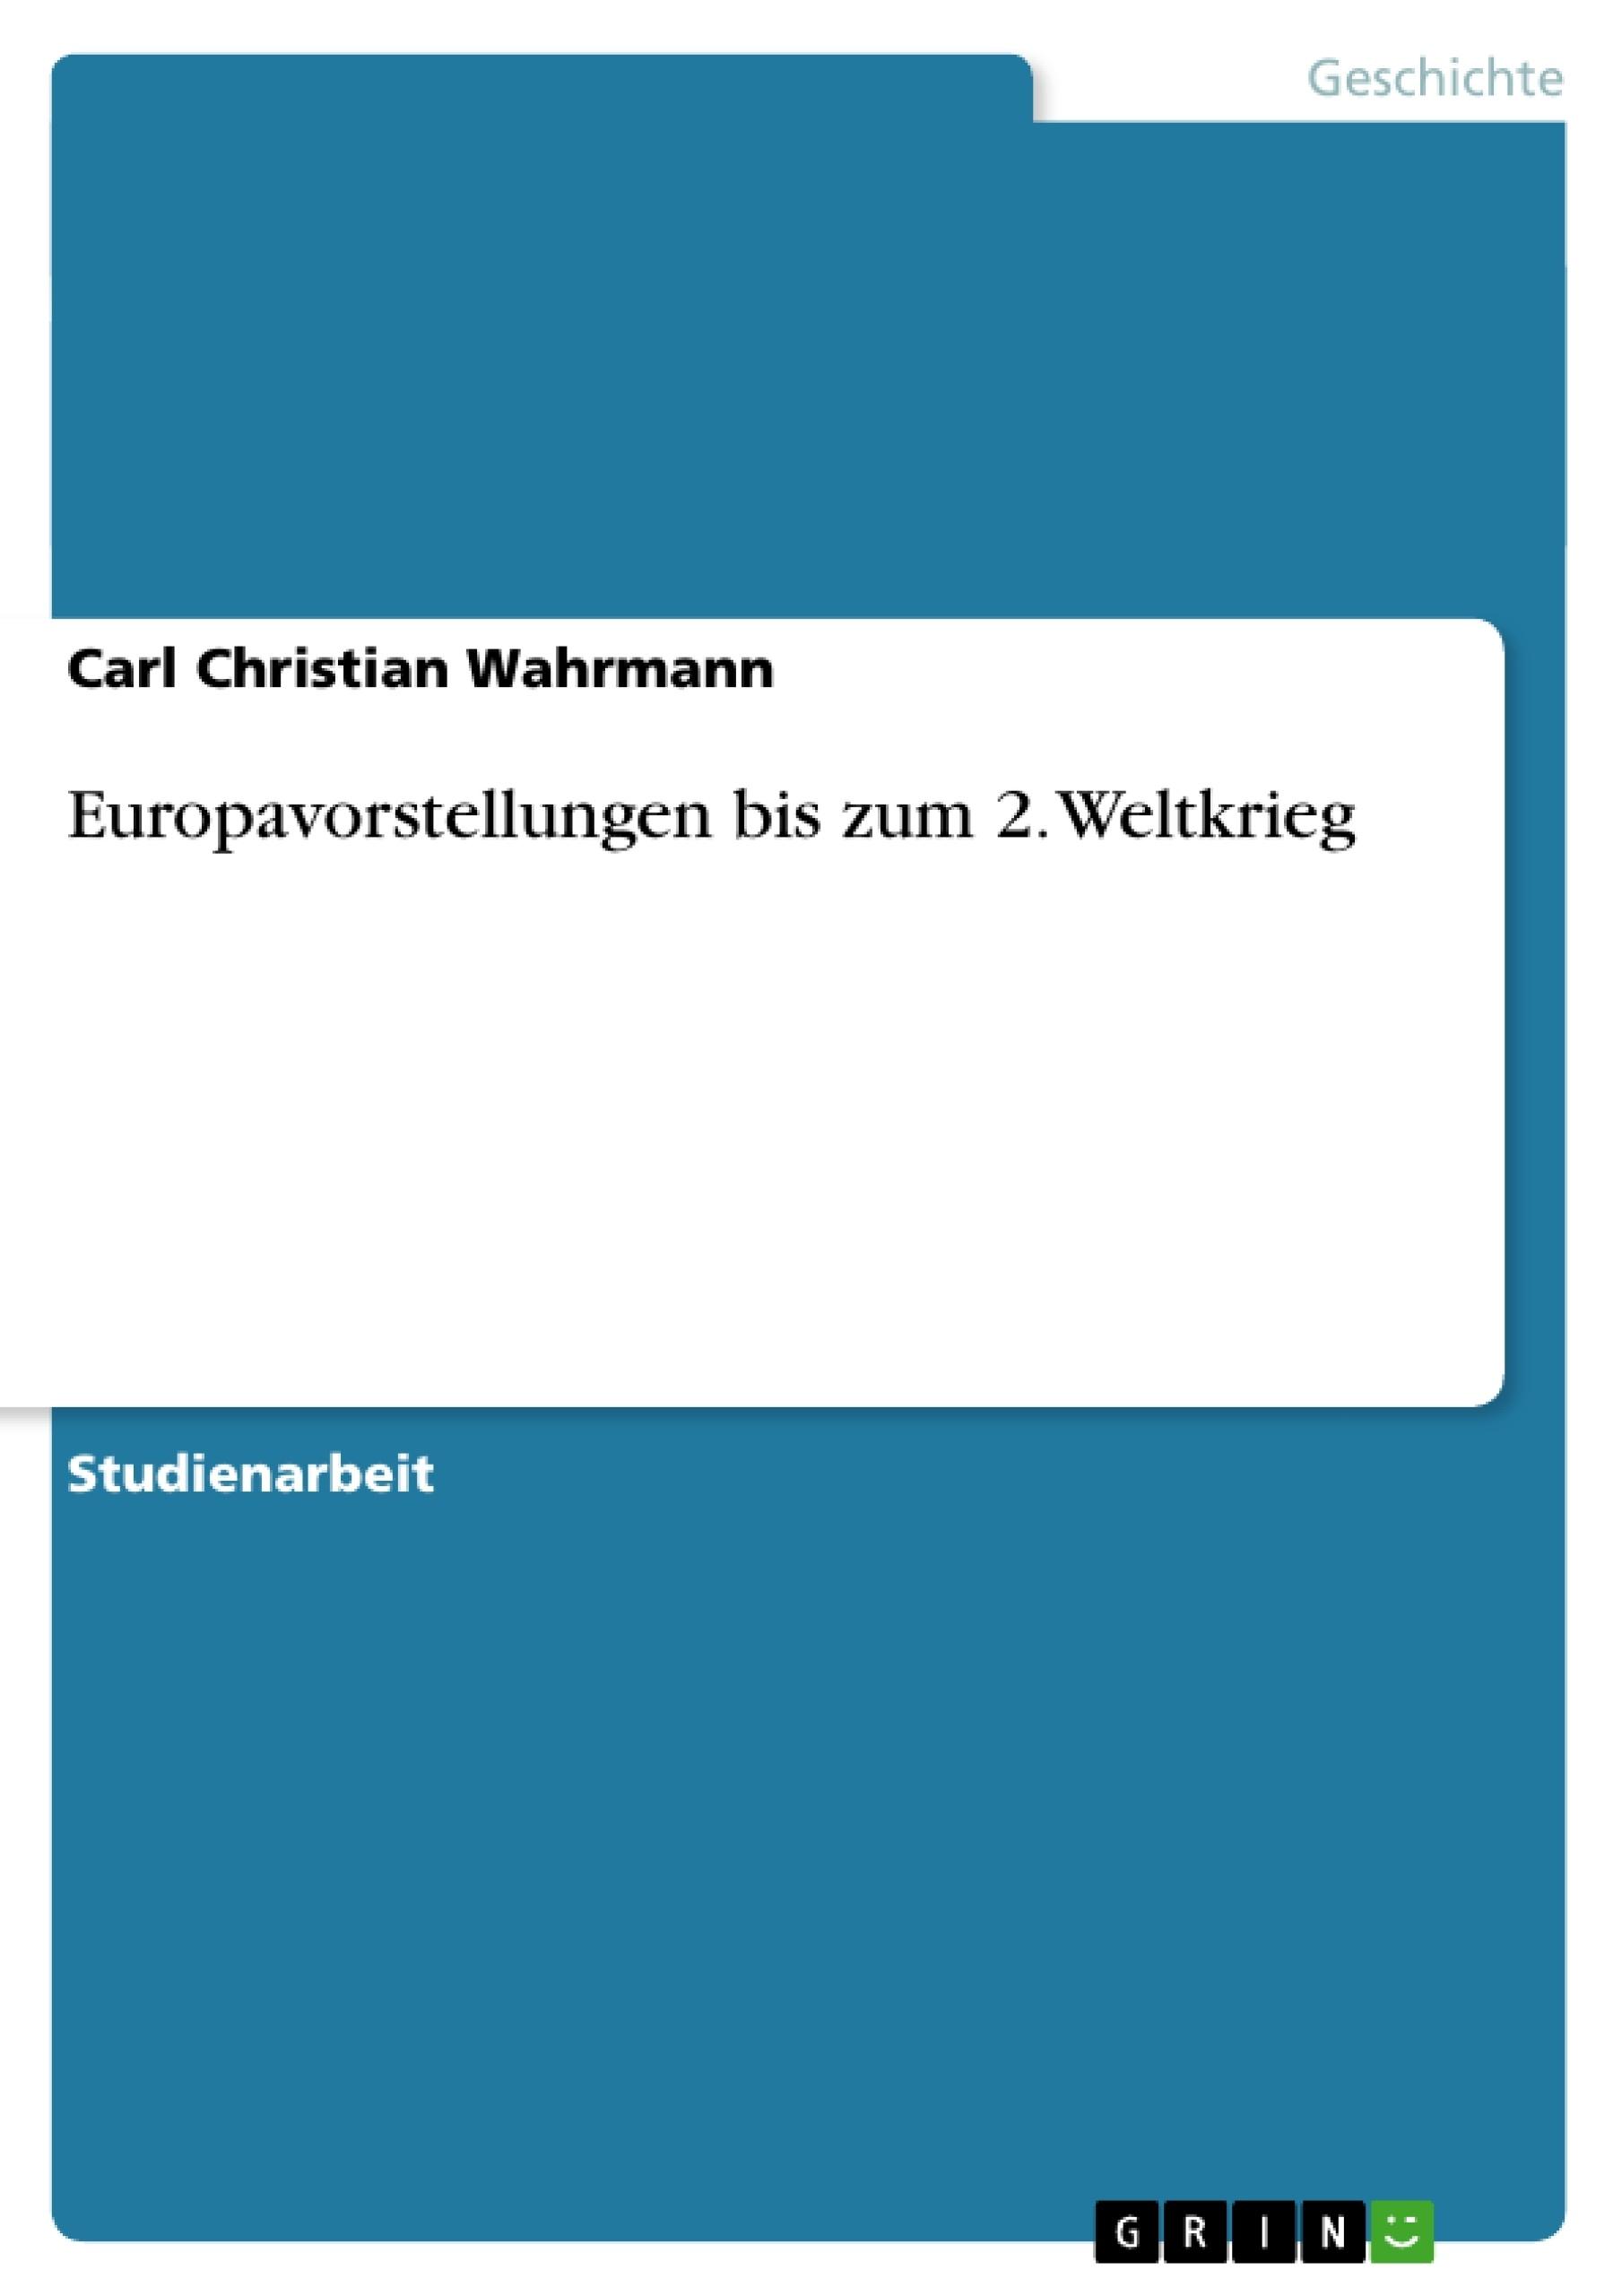 Titel: Europavorstellungen bis zum 2. Weltkrieg